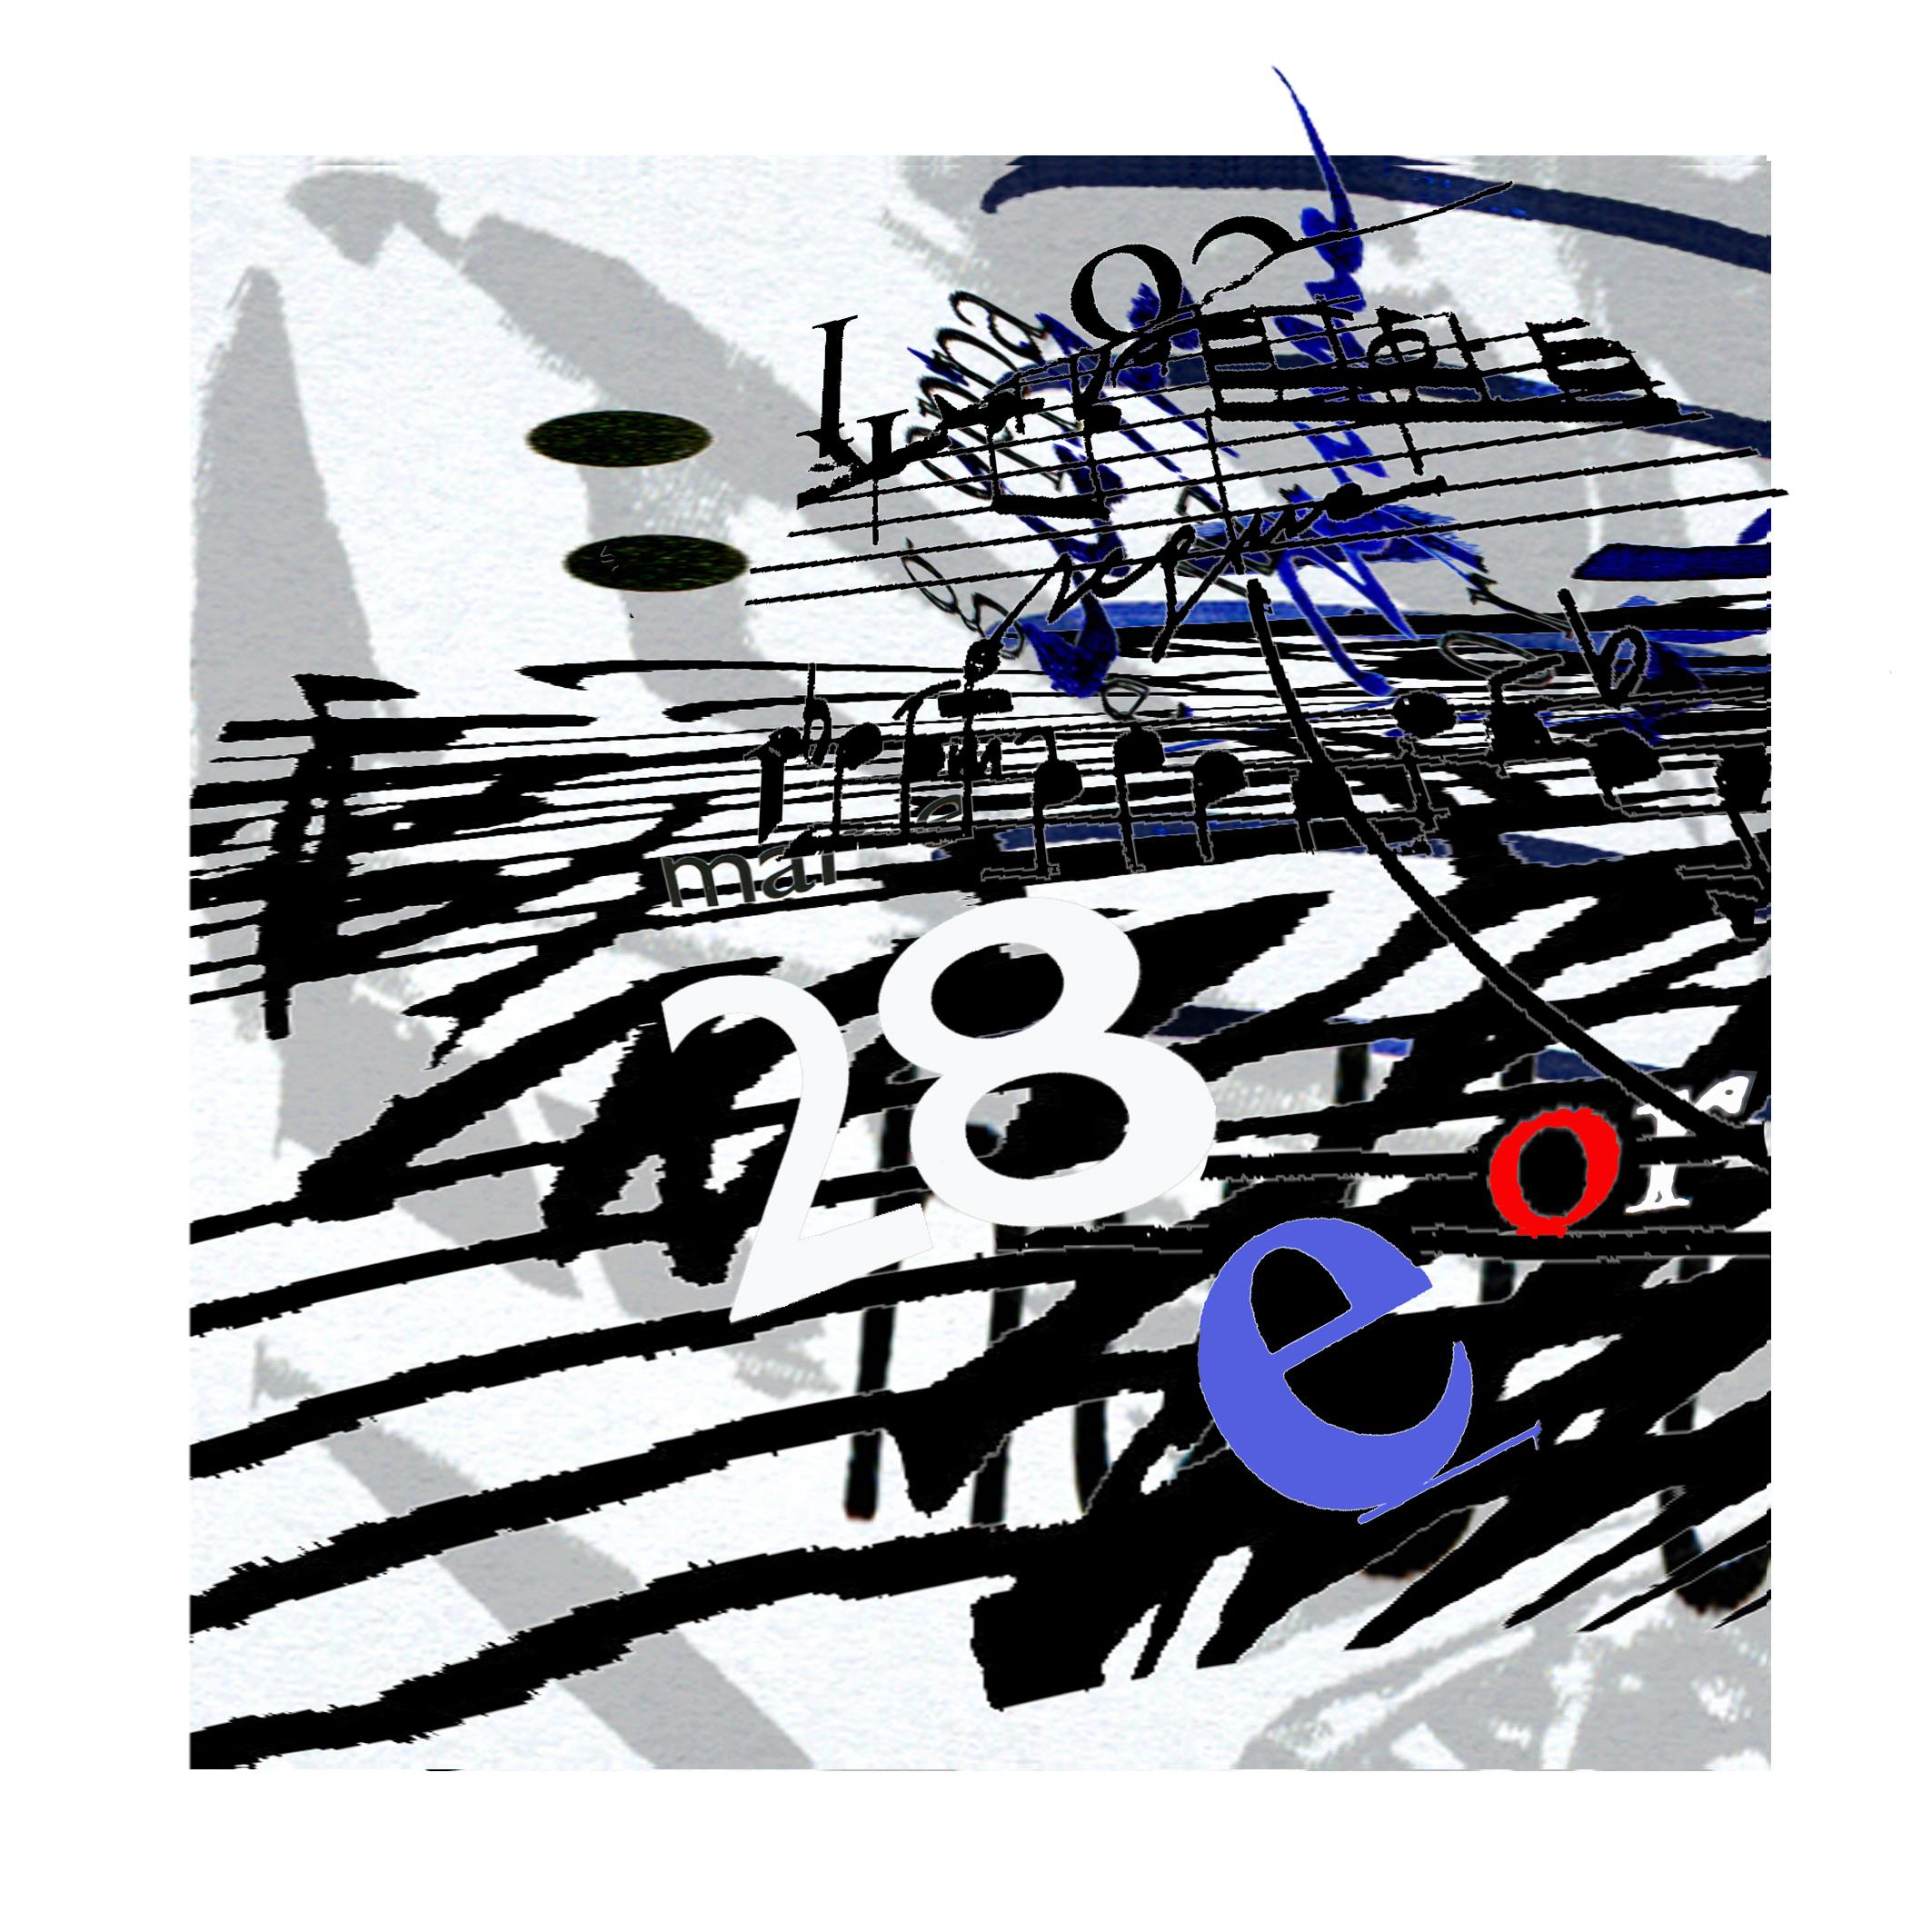 Giovanni Fontana - Dettagli - Visual Poem ESCAPE='HTML'